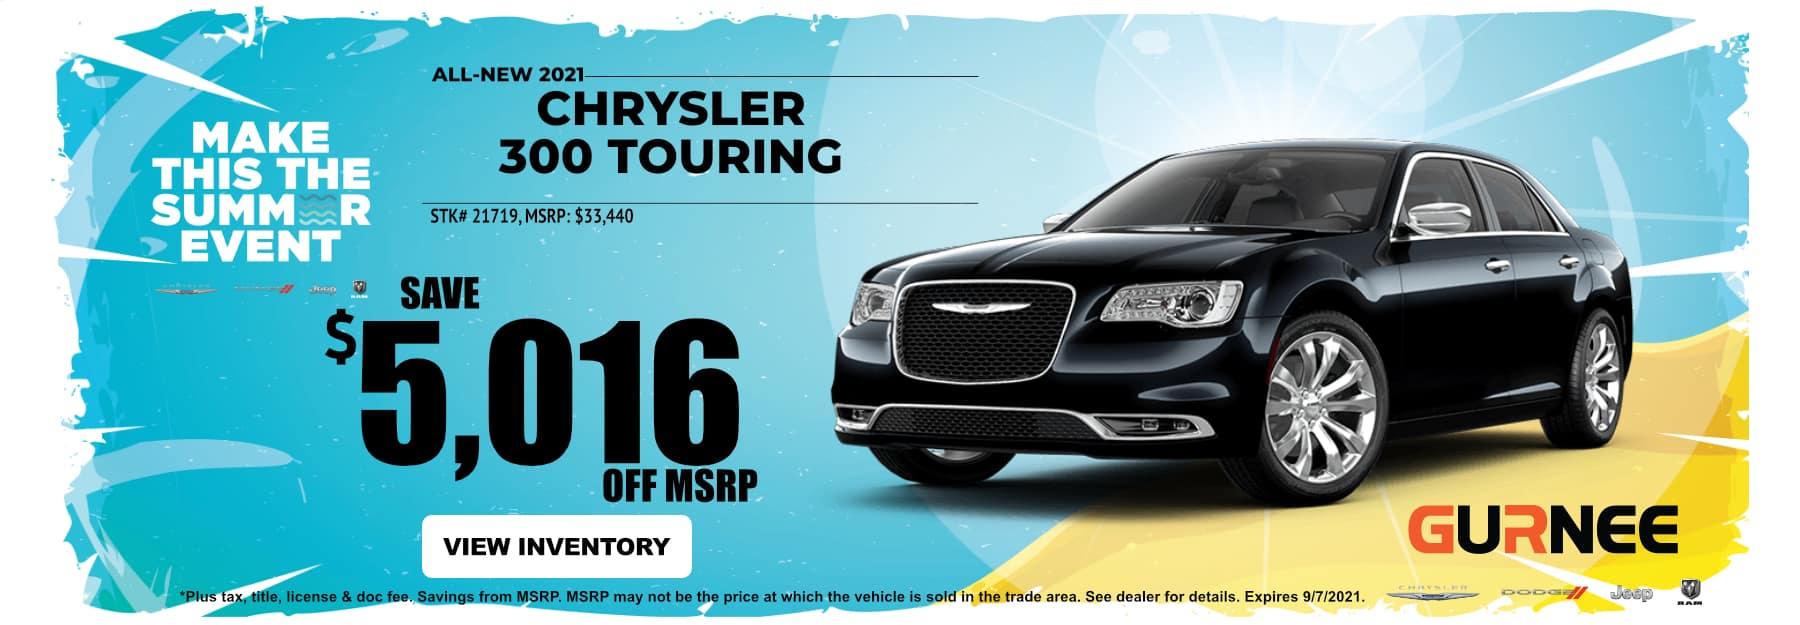 August_2021 Chrysler300 Gurnee